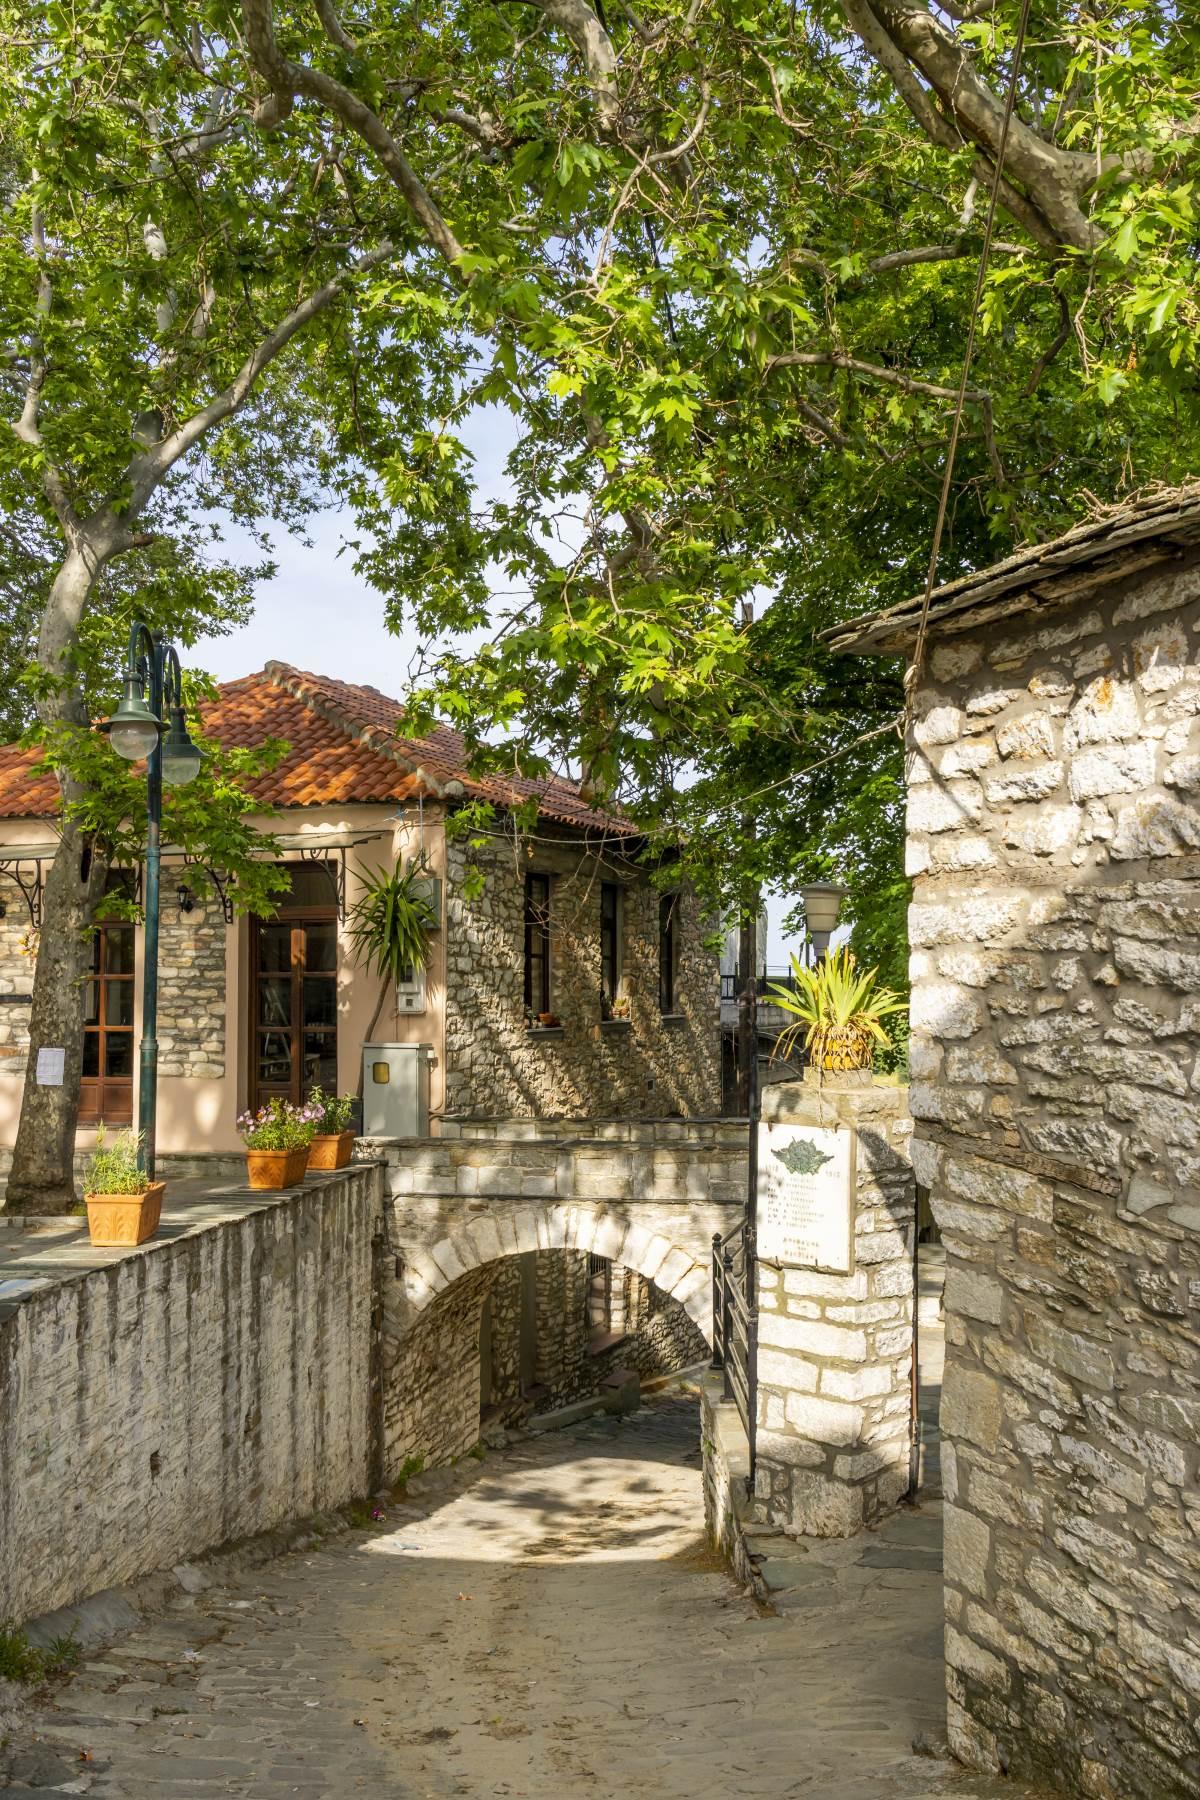 Βόλτα στο χωριό, Κεραμίδι Πήλιο